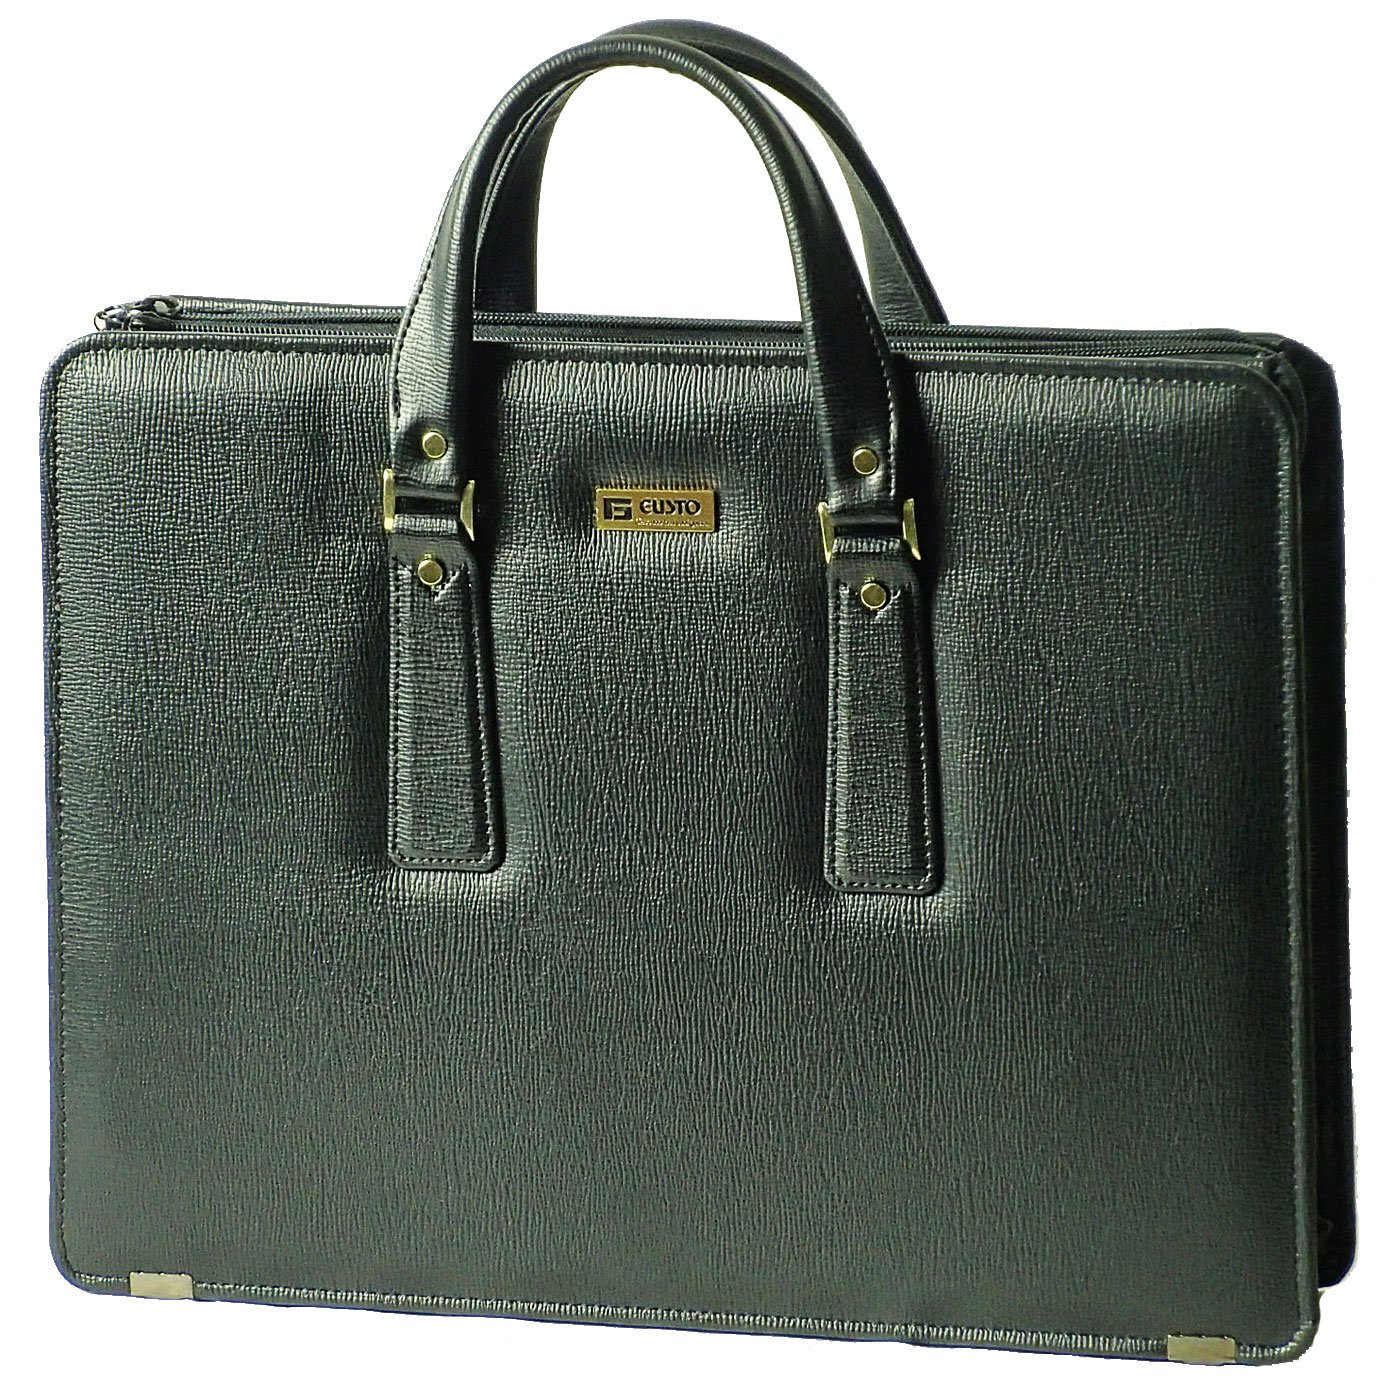 (ガスト)GUSTO ビジネスバッグ ブリーフケース 銀行かばん 日本製 B4 42cm 22026 B00R96W2W2